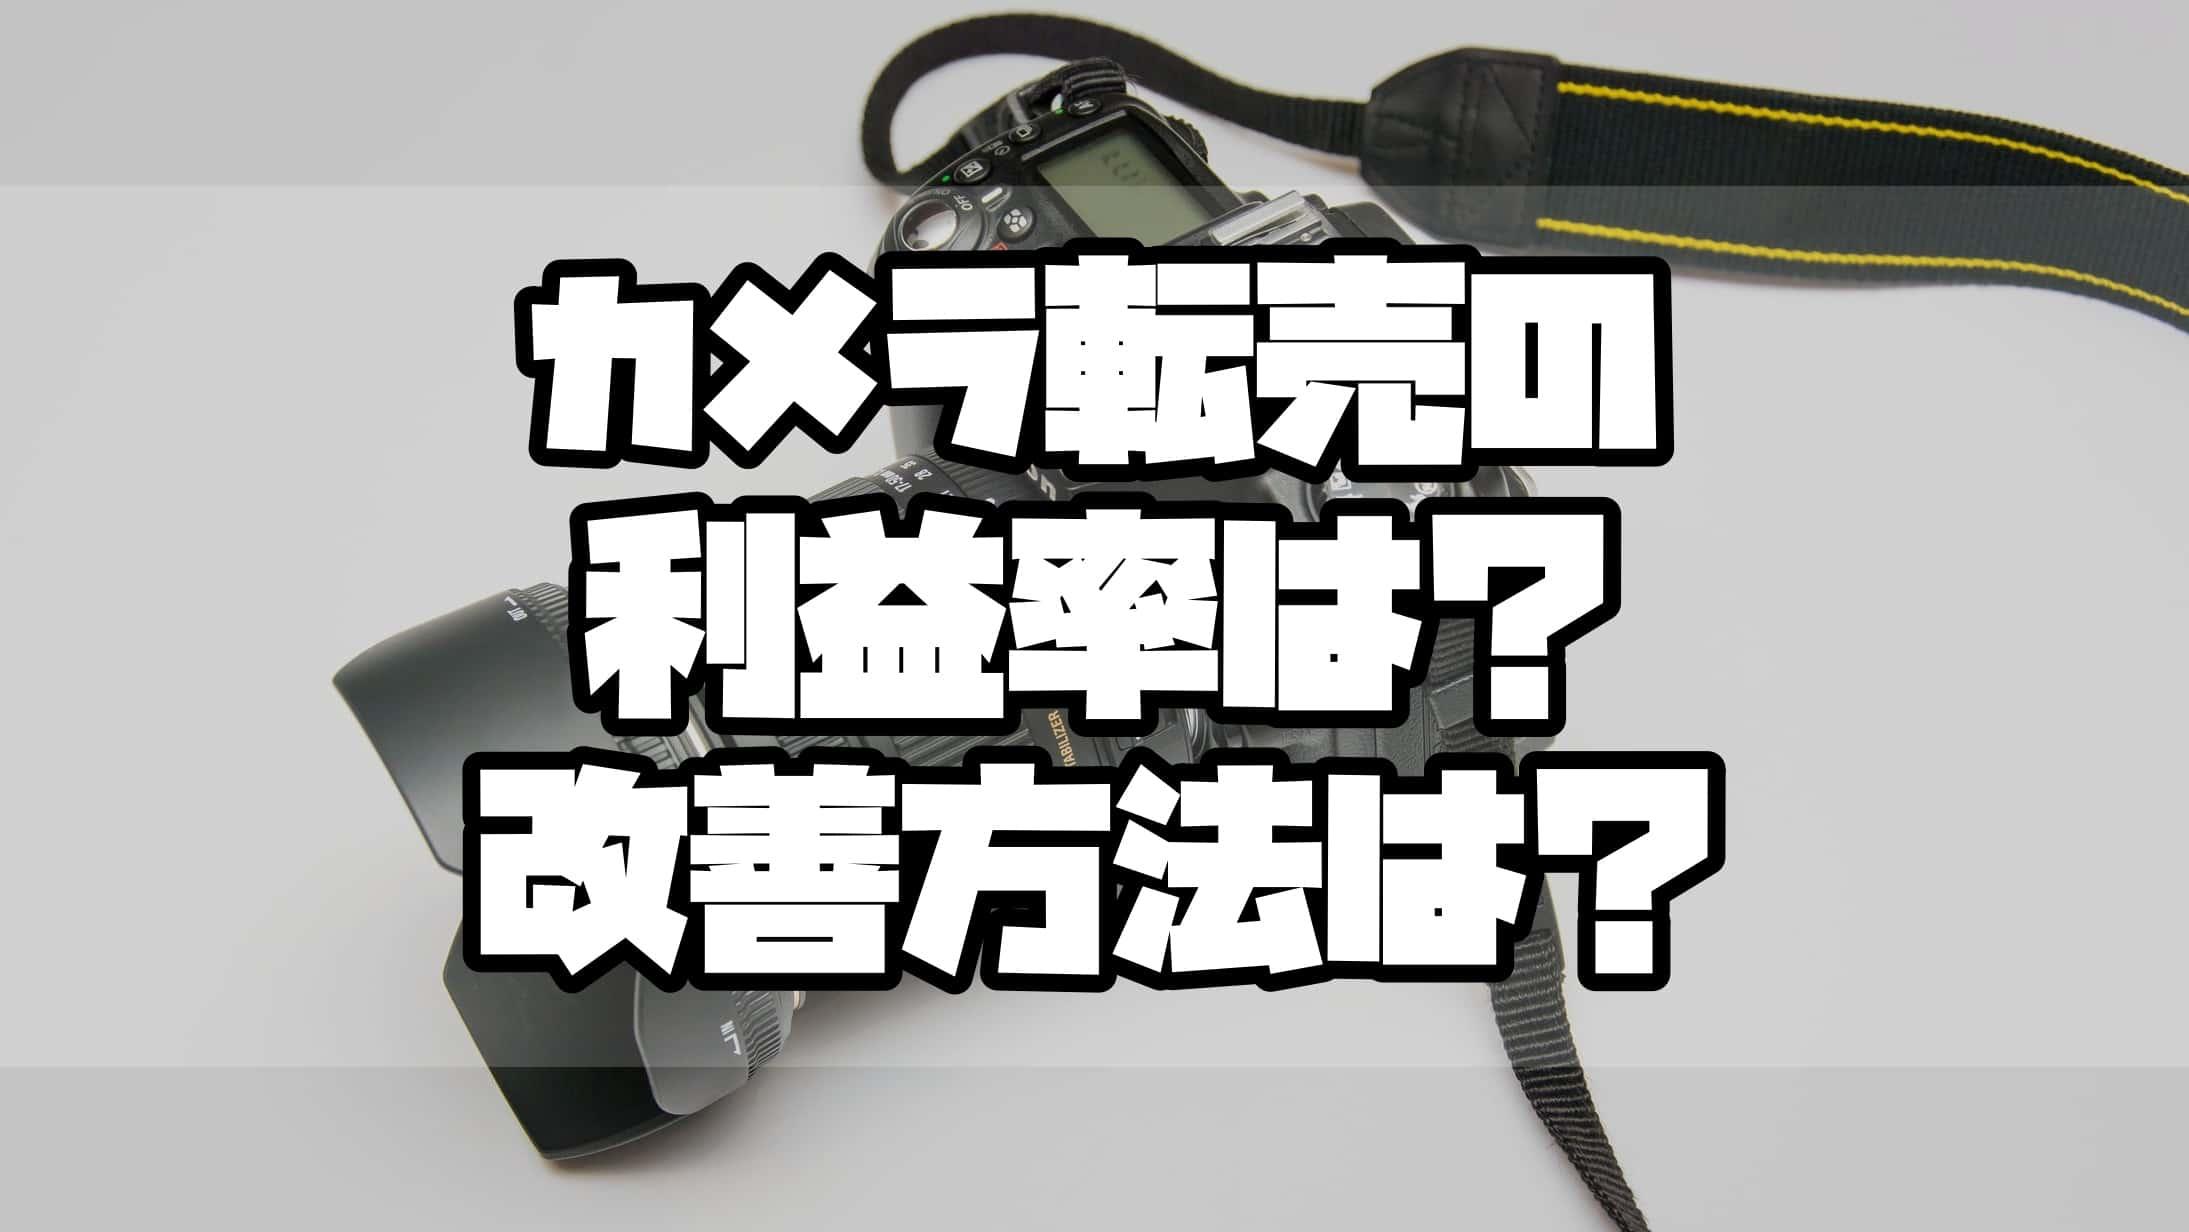 【約25%】カメラ転売の利益率は?改善方法は?【現役プレイヤーが解説】